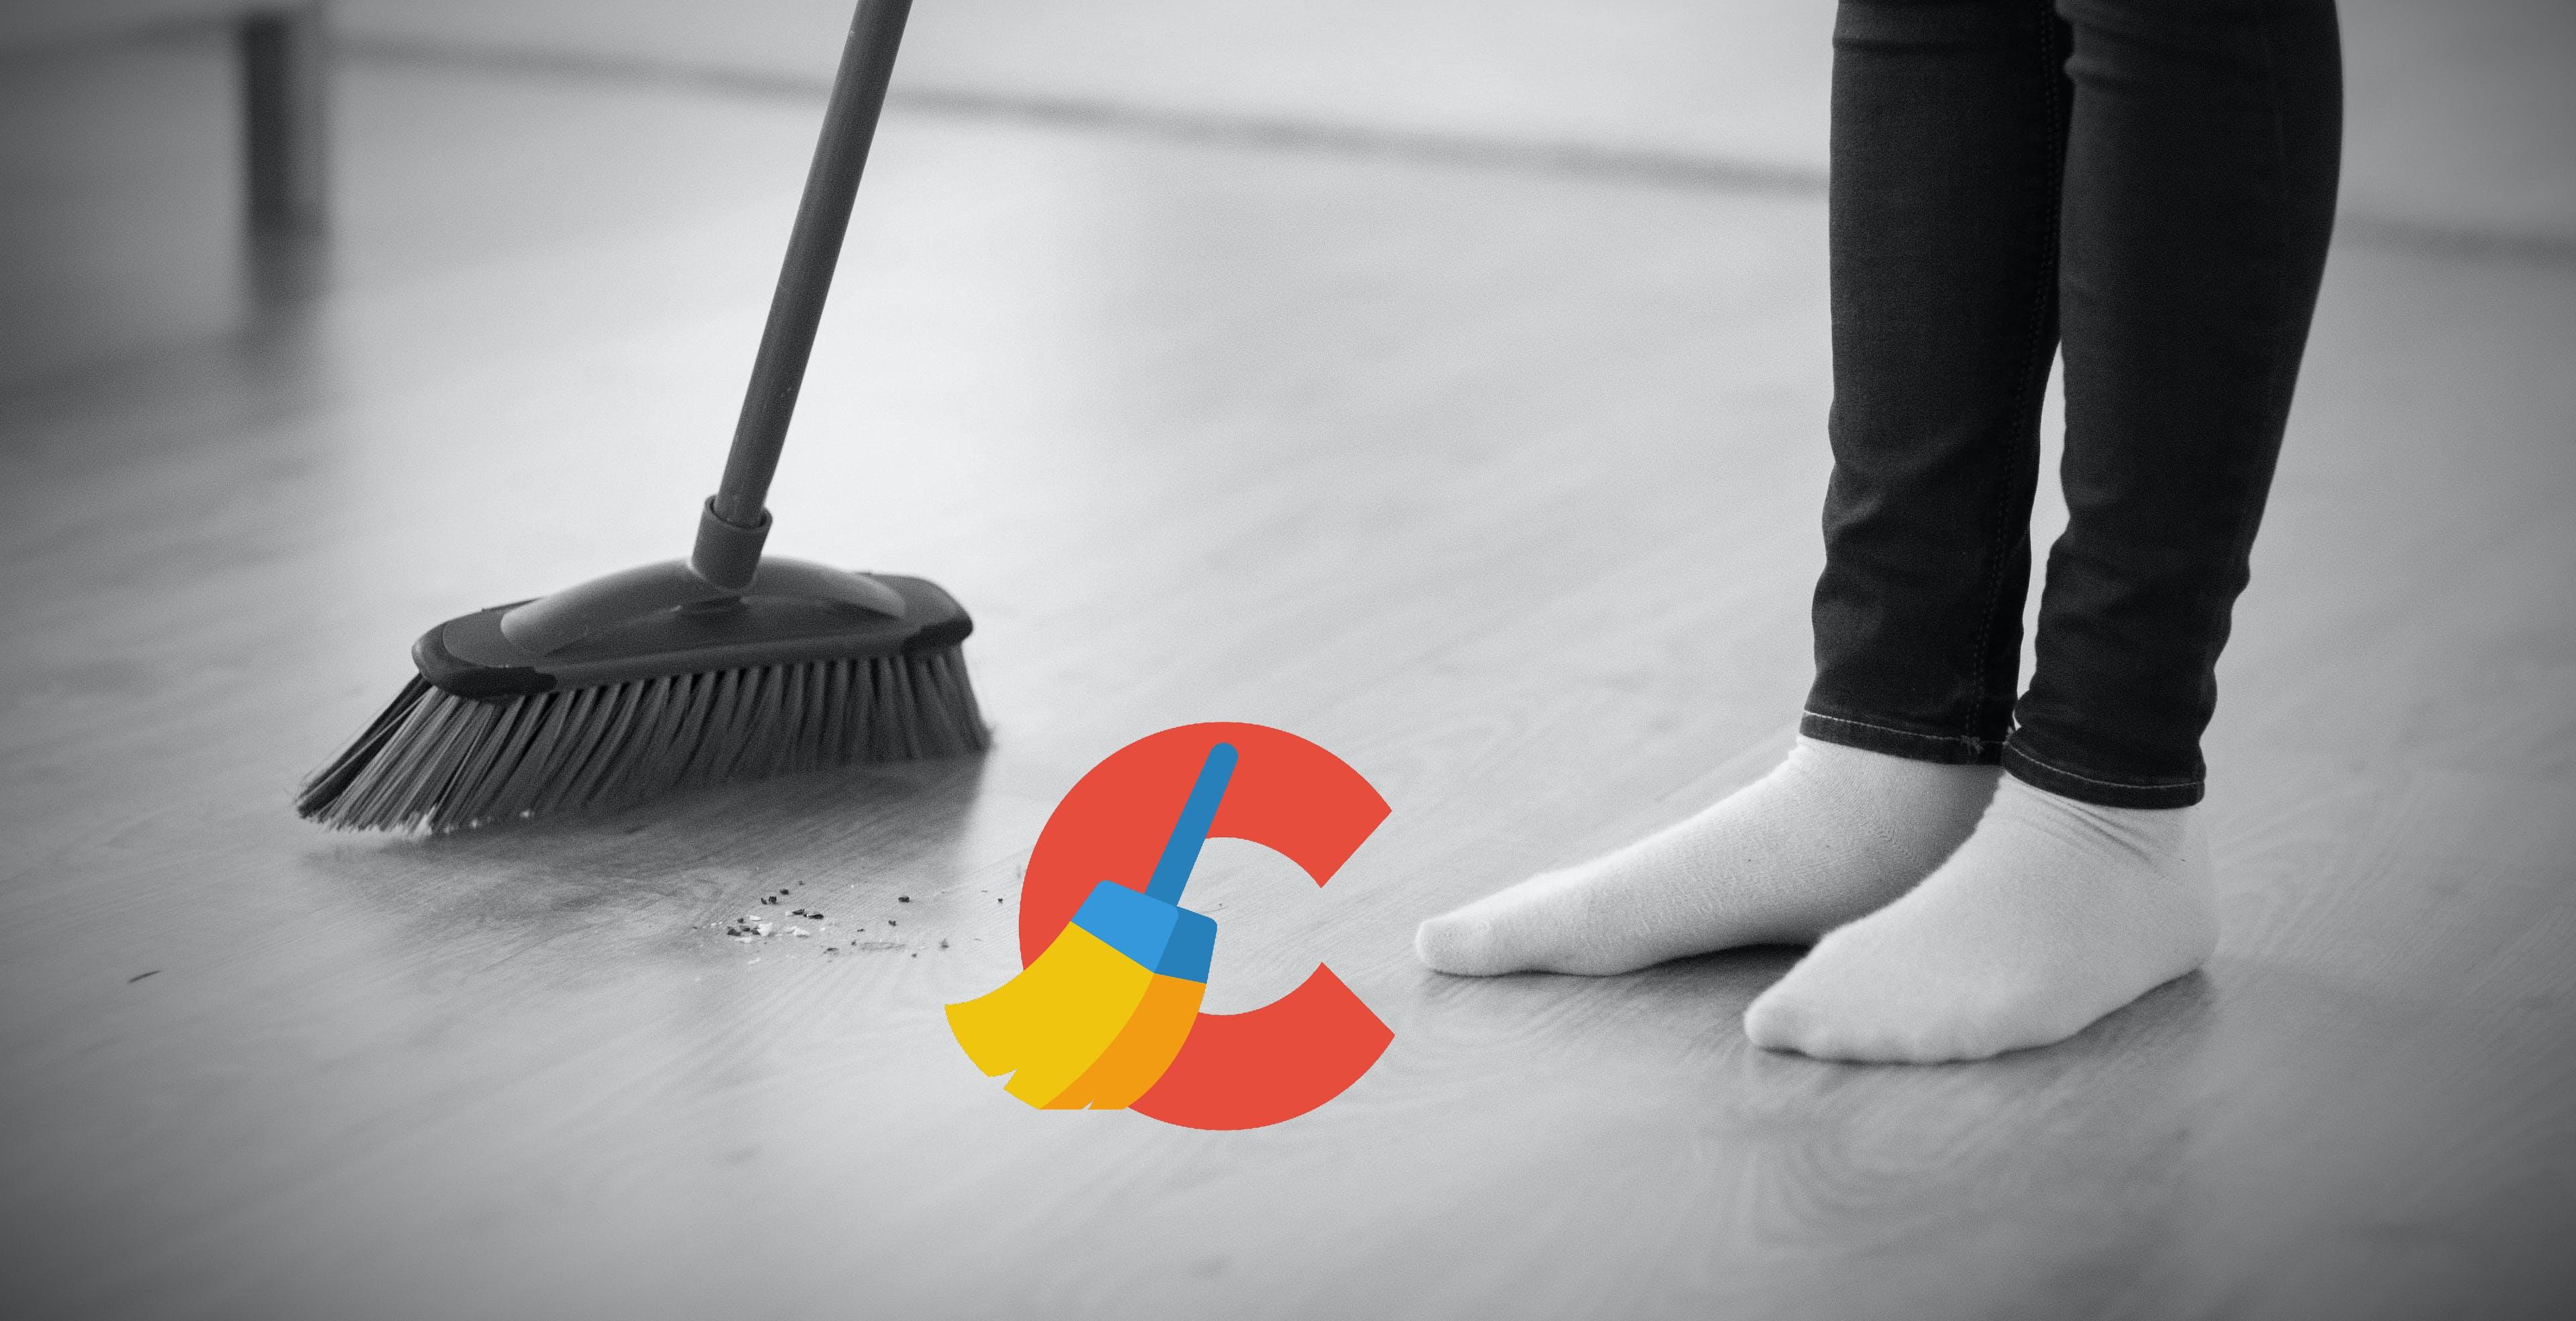 CCleaner marchiato da Microsoft come applicazione potenzialmente indesiderata